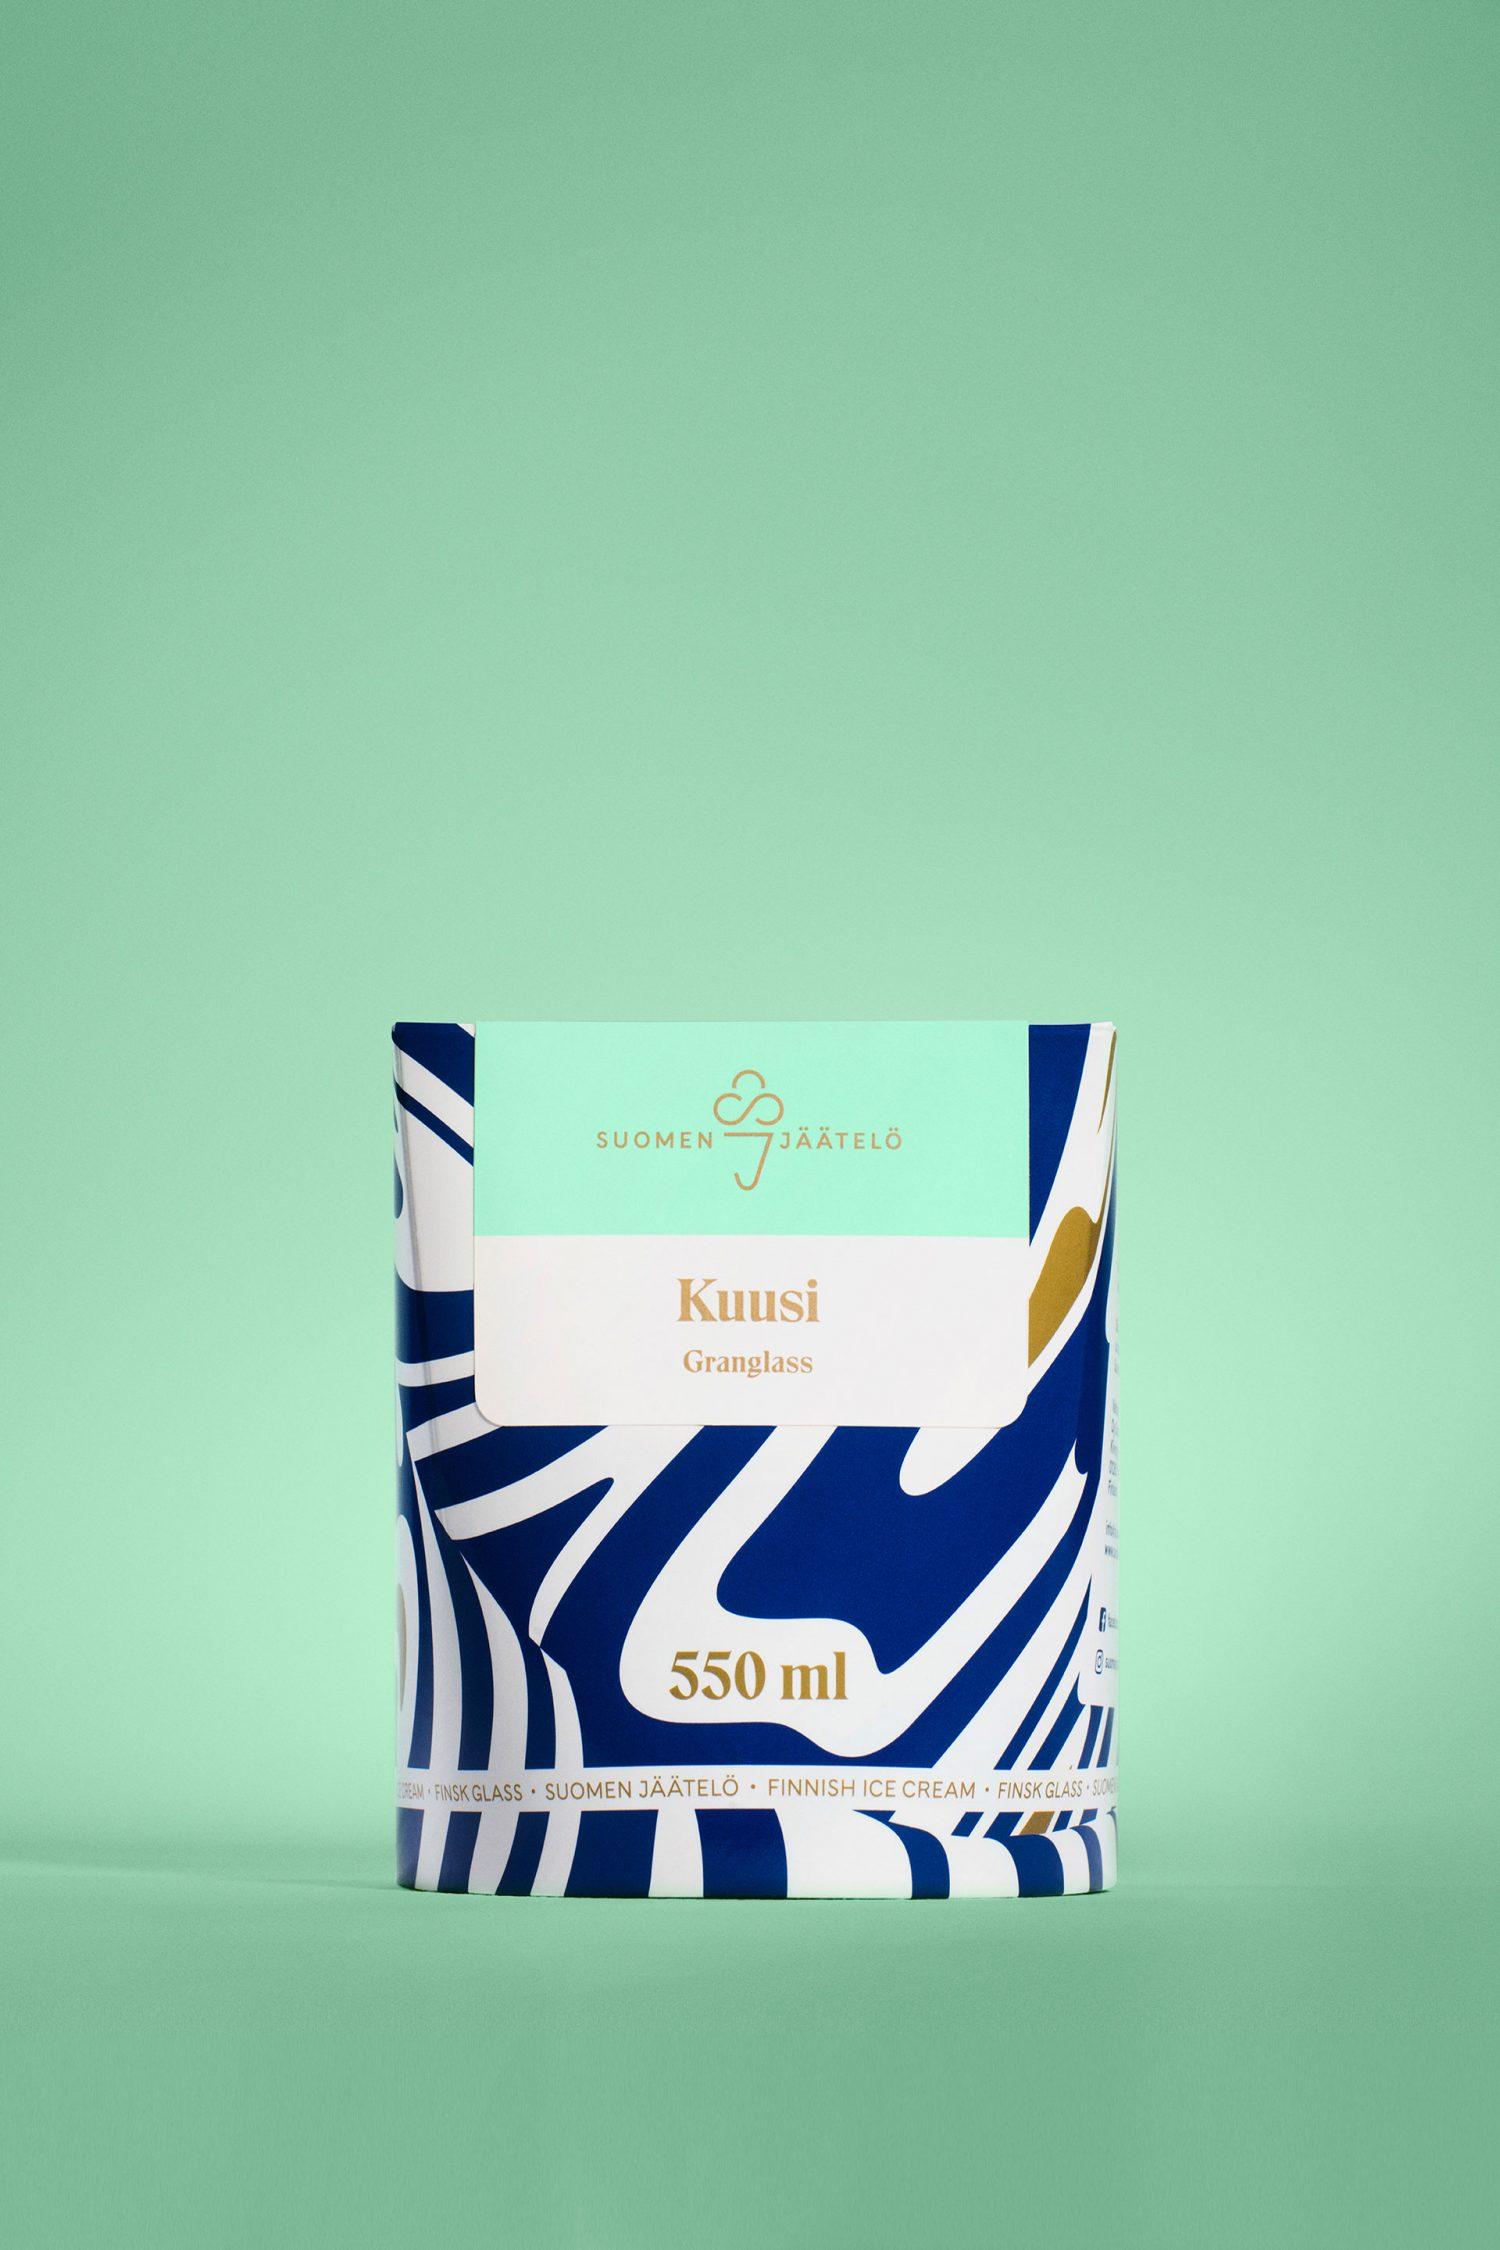 Brand identity and package design by Helsinki-based Werklig for Finnish ice cream brand Suomen Jäätelö